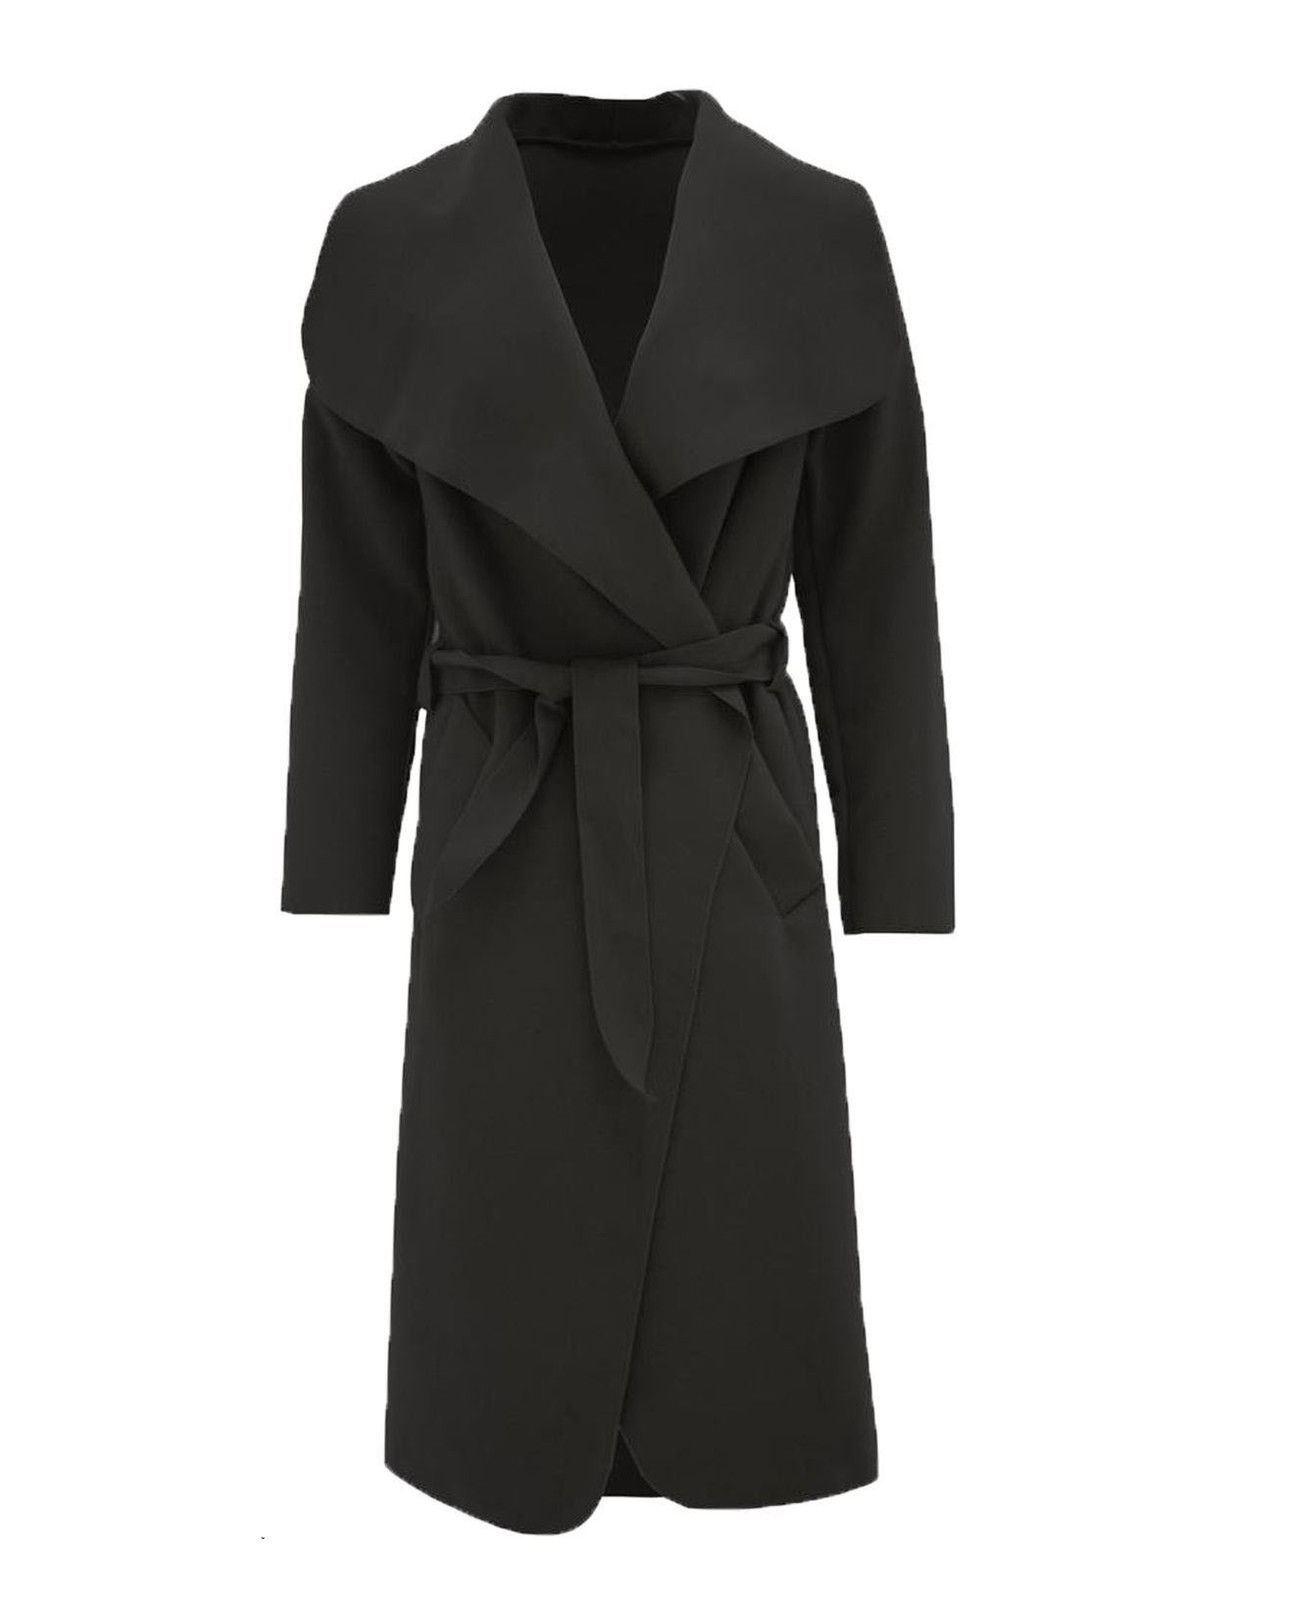 Ladies Italian Waterfall Long Coat Womens Oversized Belted Celeb Drape Duster